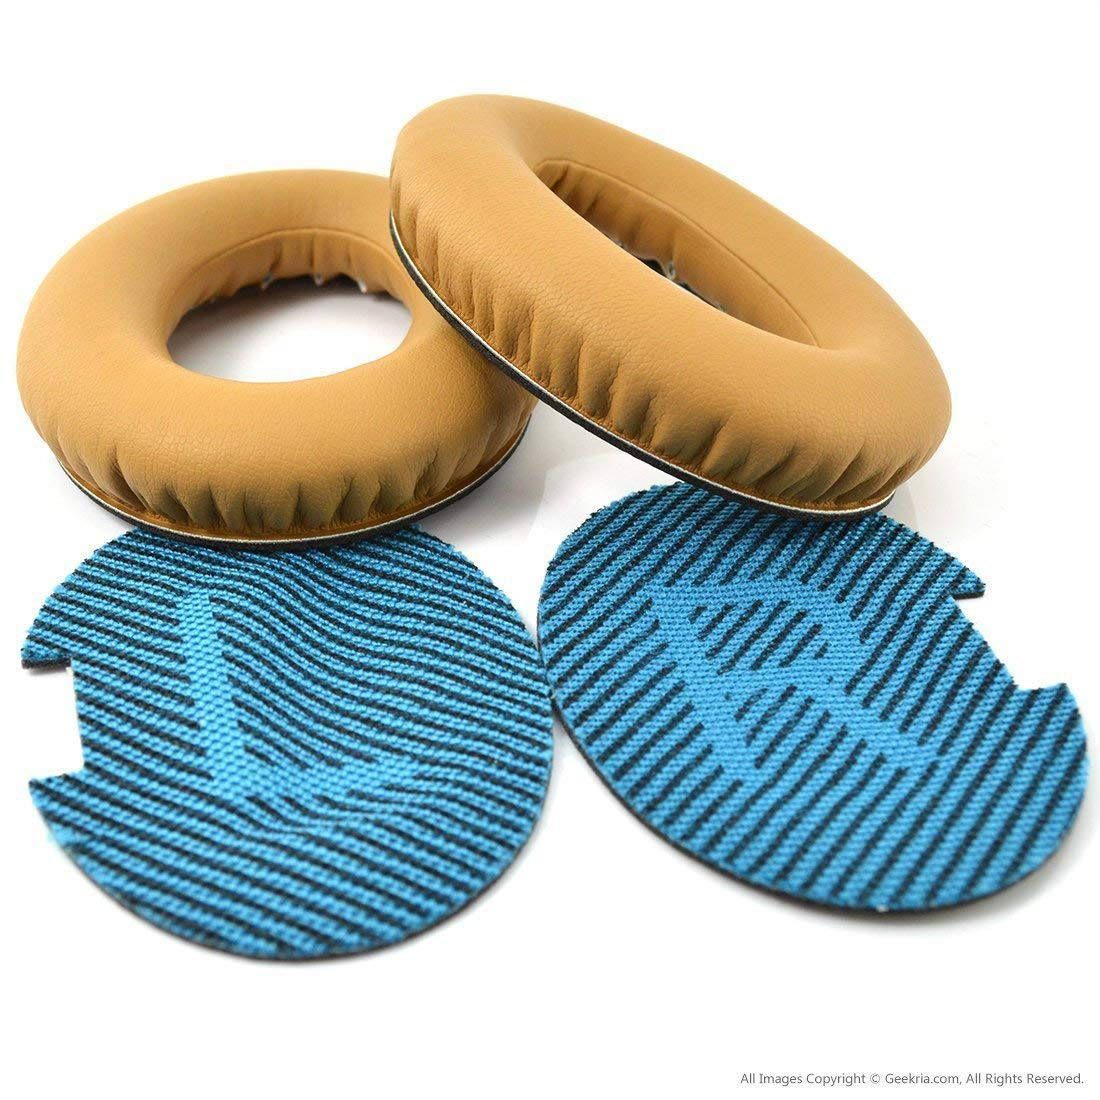 Almohadillas Auriculares Bose Qc35 Qc25 Qc2 Qc15